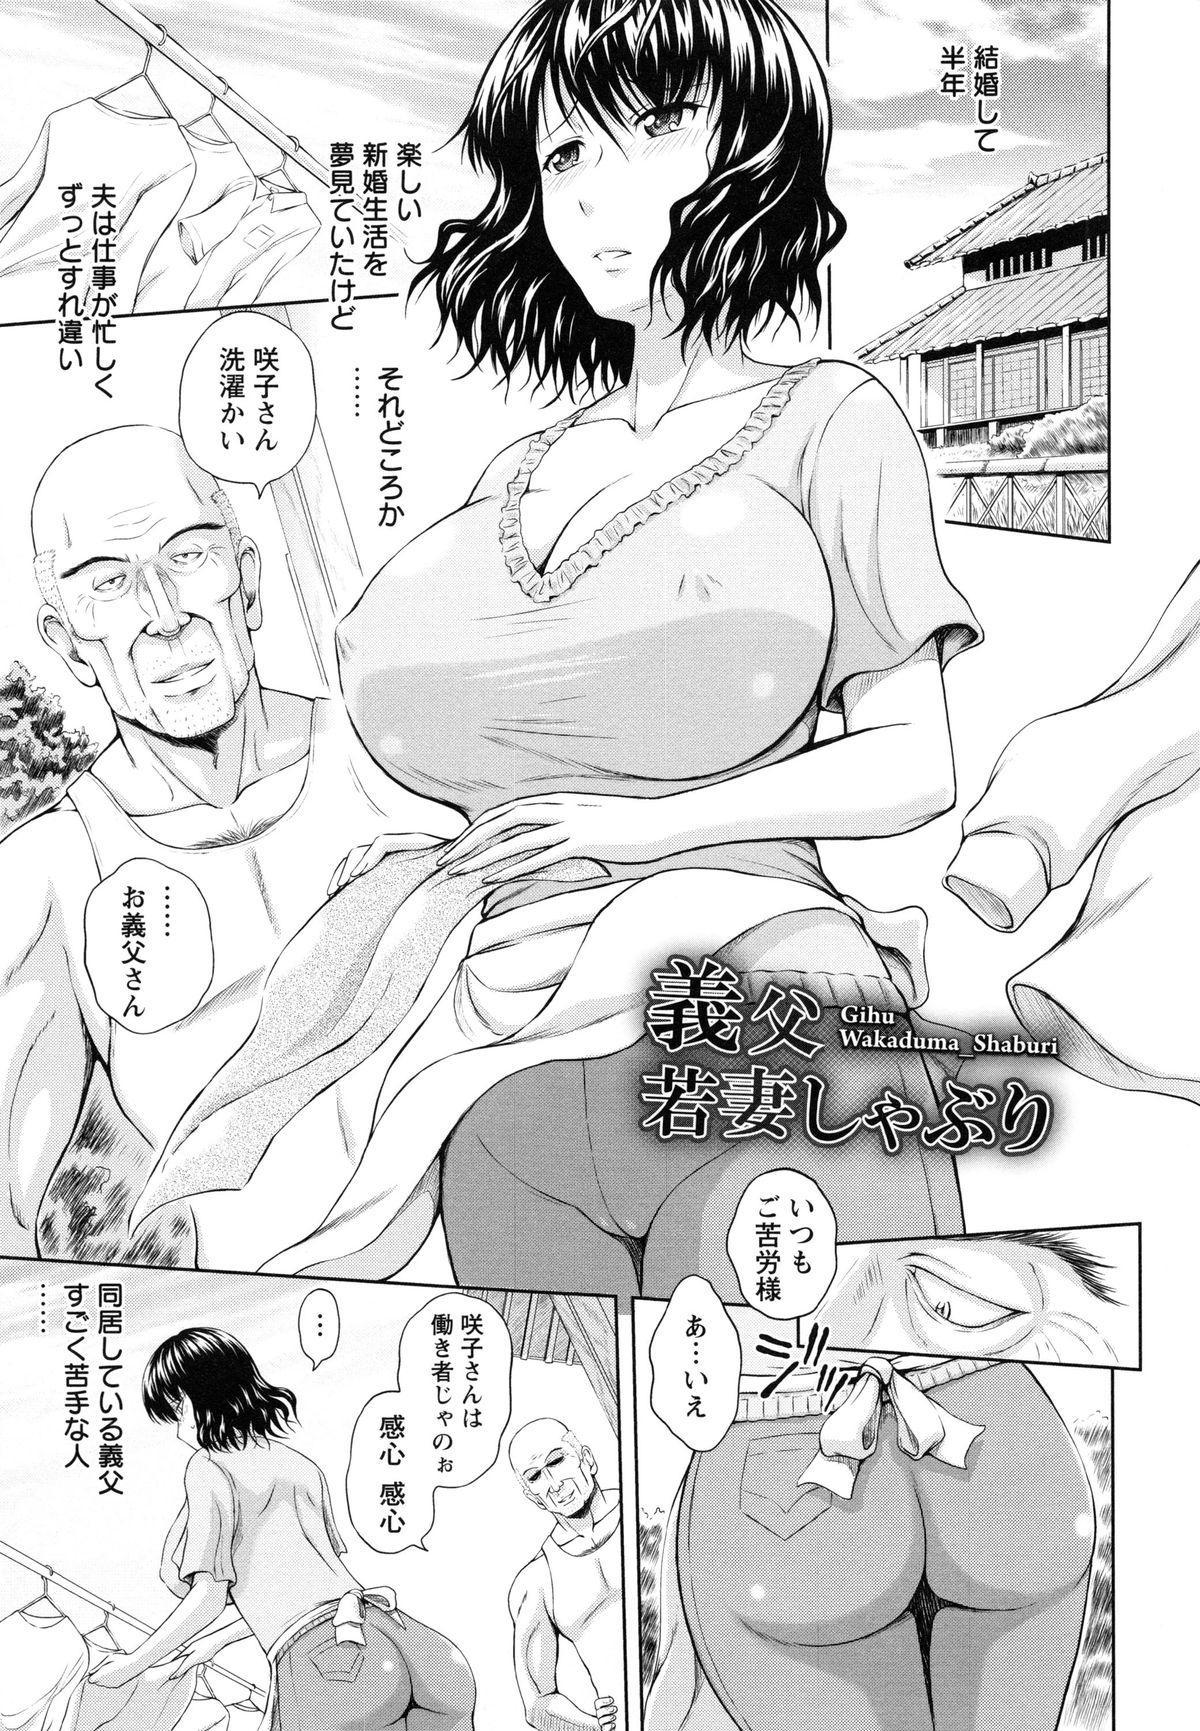 Inbaku no Wakazuma 50